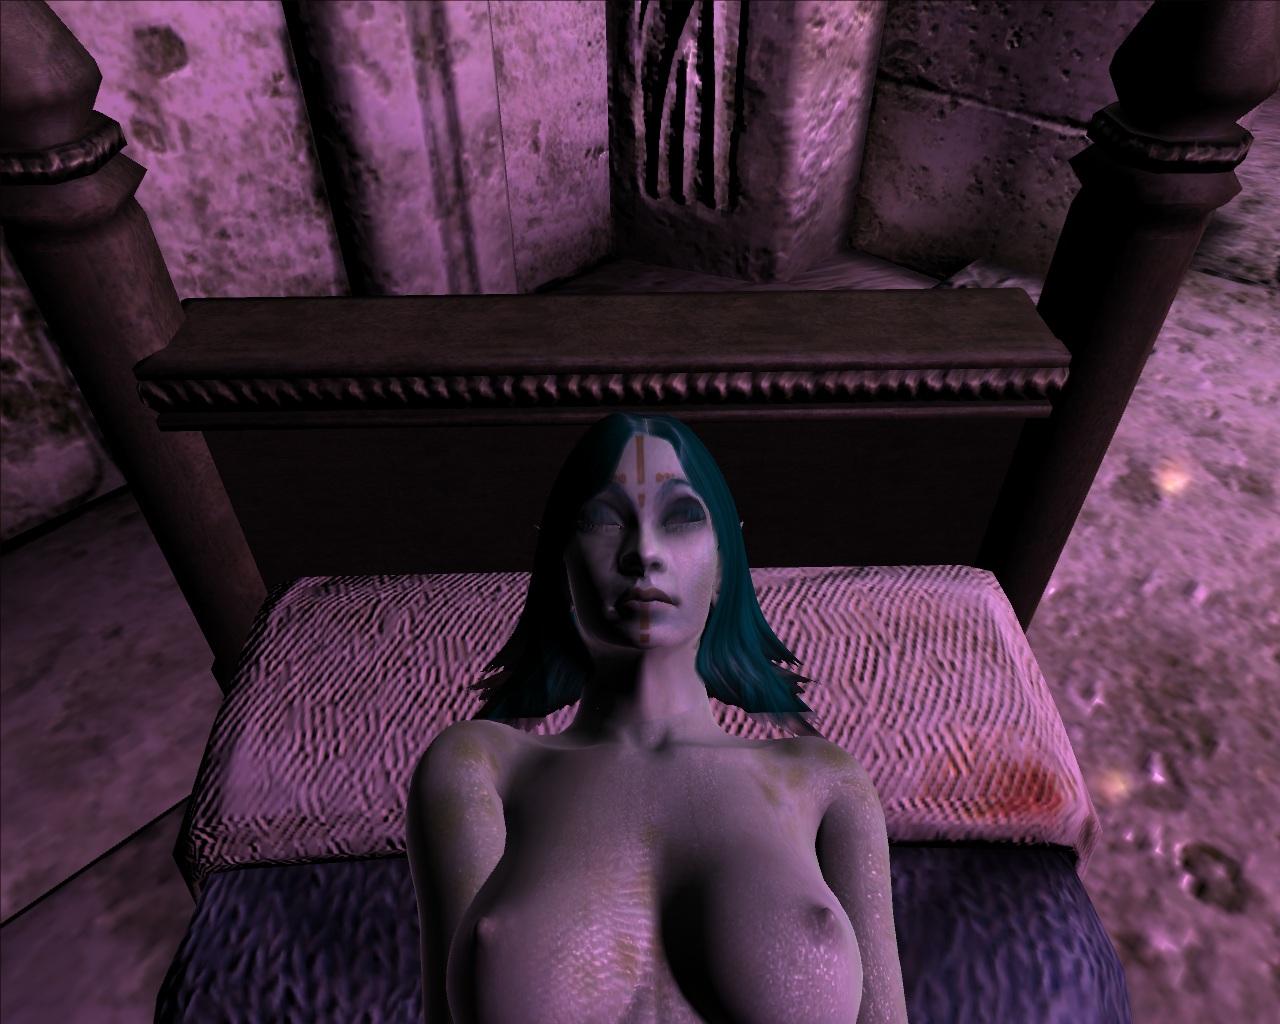 oblivion-porno-plagini